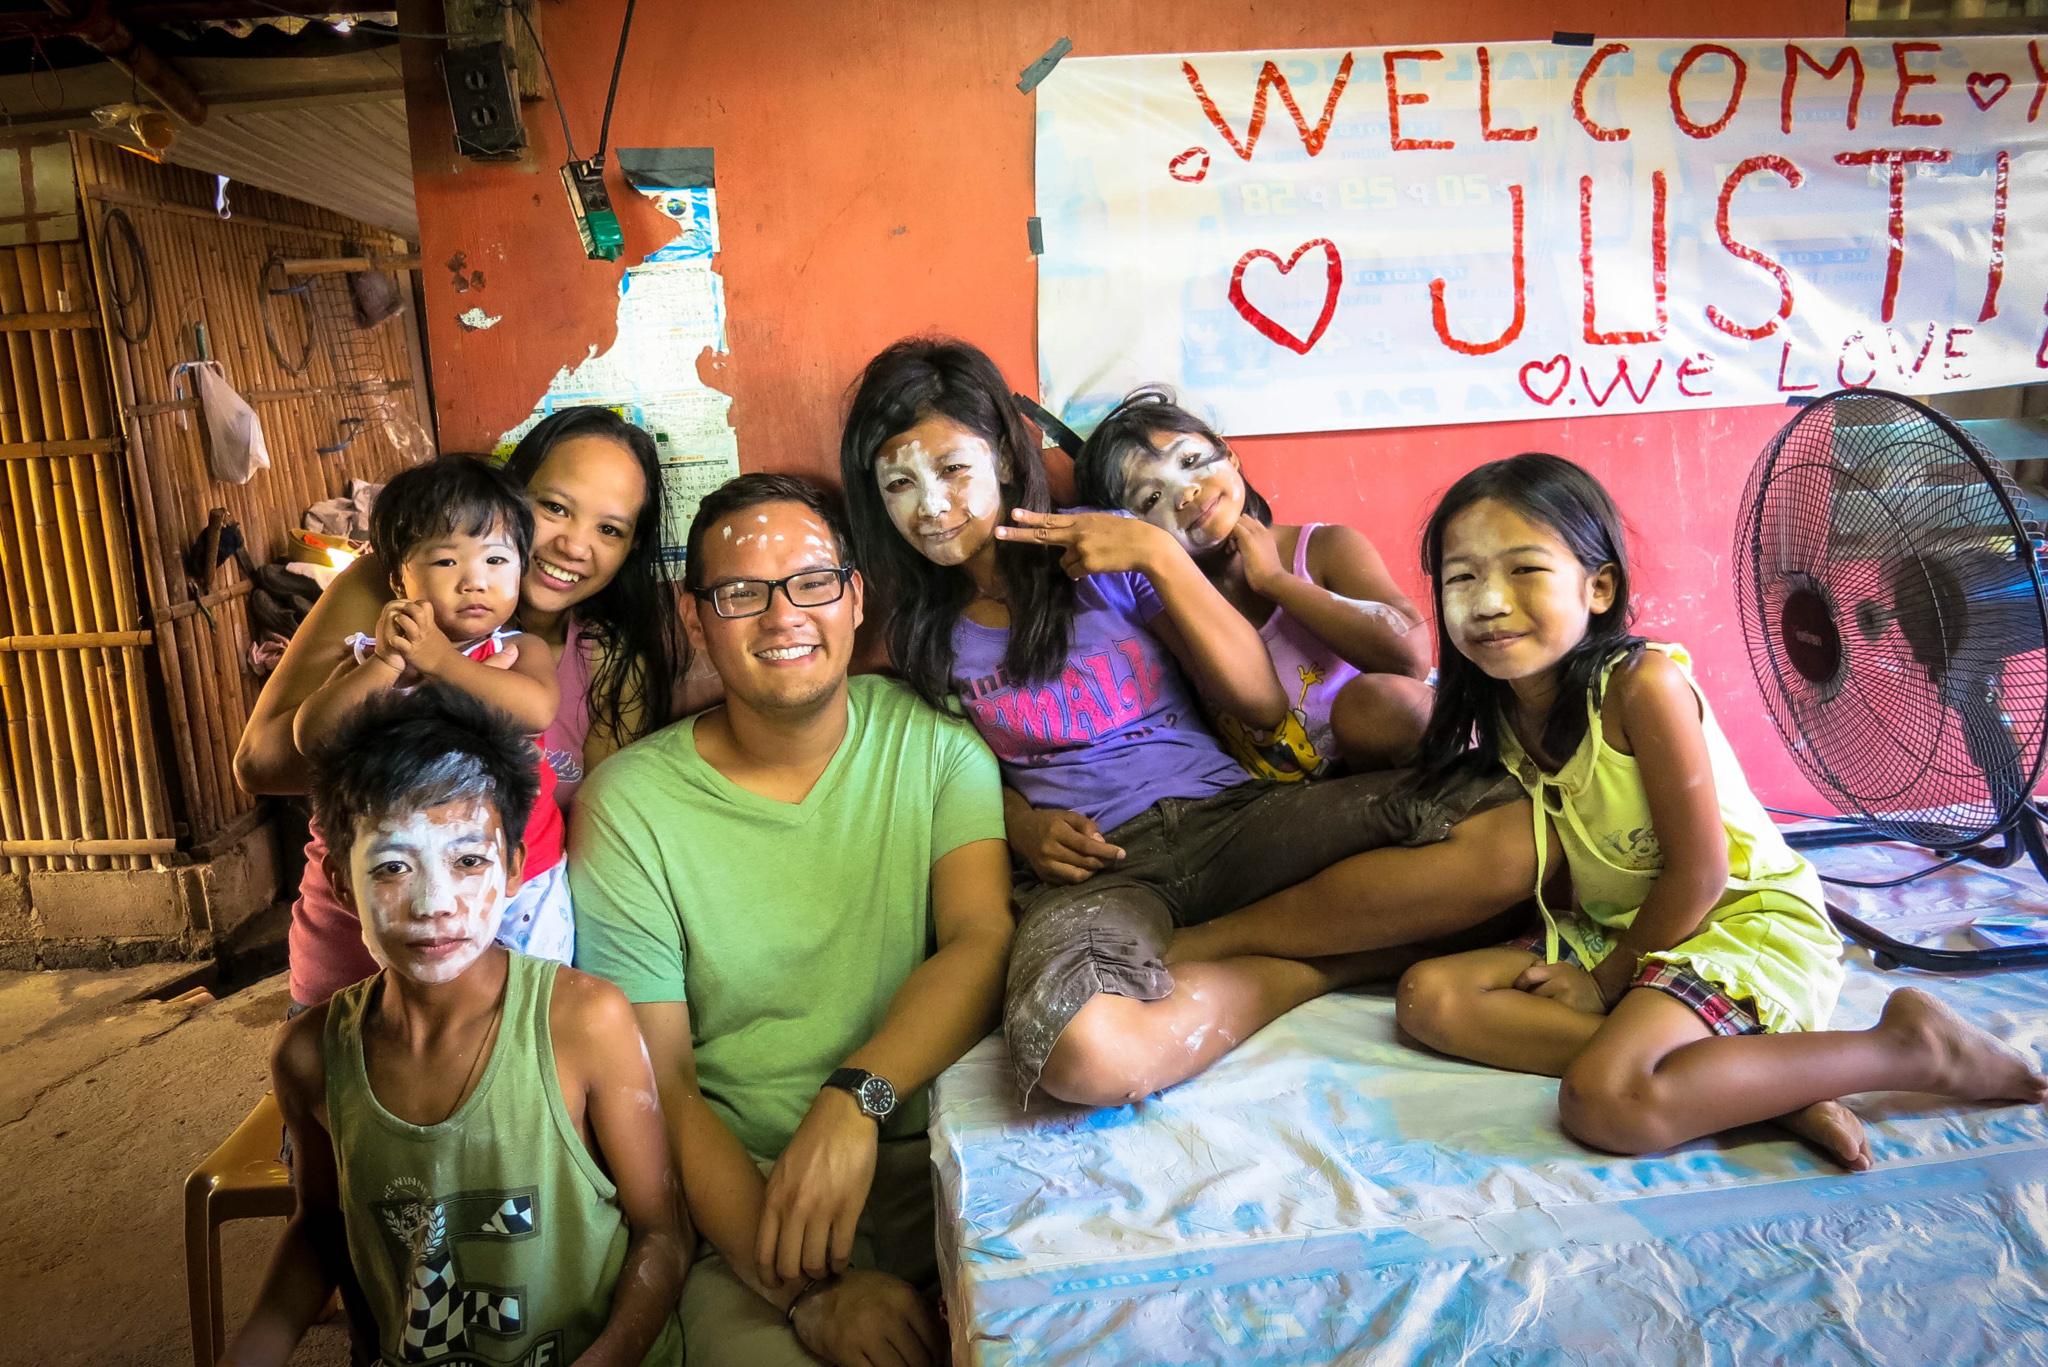 Homem sentado à mesa rodeado por crianças filipinas (Cortesia: Justin Cagaoan)